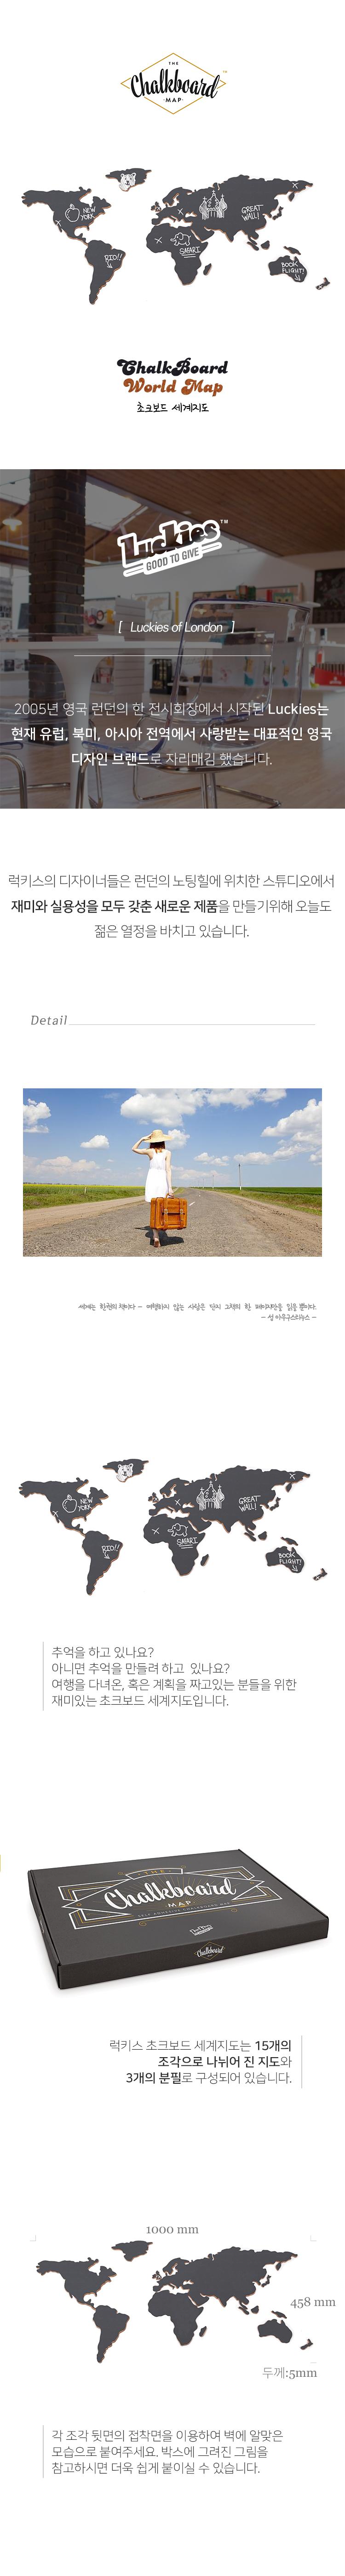 [원더스토어] 럭키스 초크 세계지도 - 원더스토어, 55,000원, 아이디어 상품, 아이디어 상품